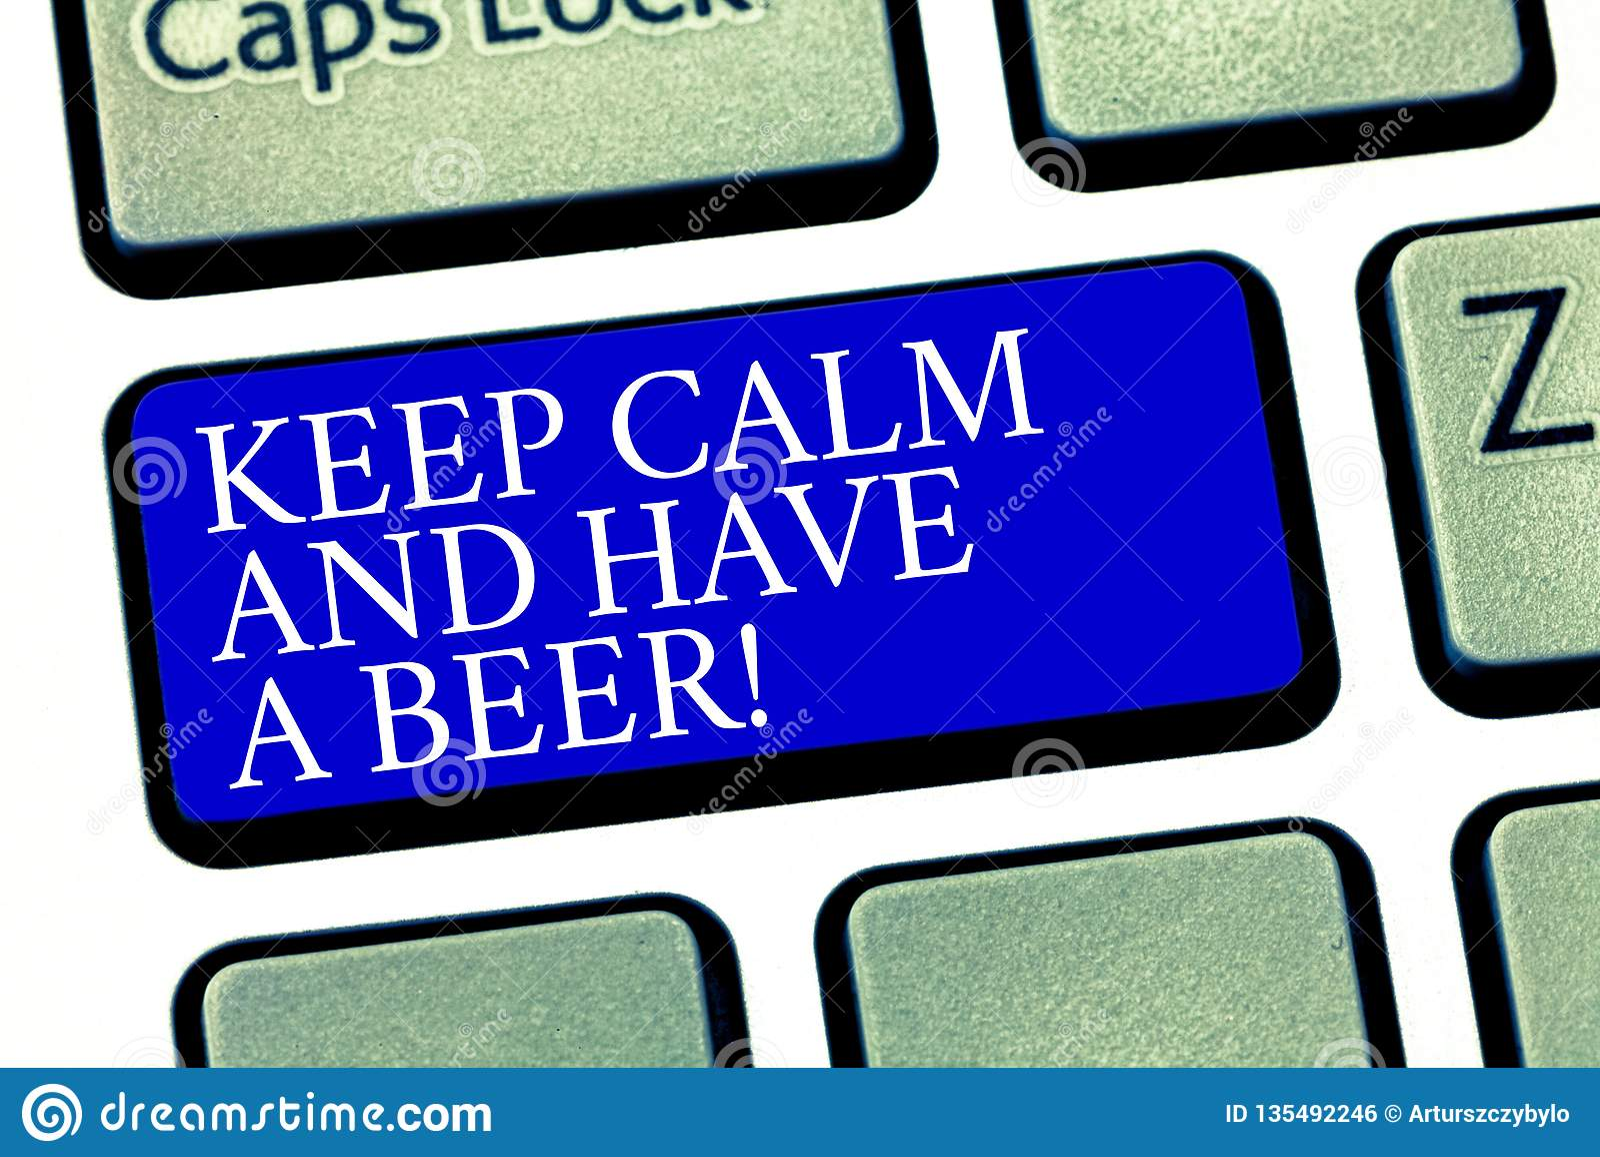 Textzeichenvertretung halten Ruhe und haben ein Bier Begriffsfoto Relax genießen ein kaltes Getränk mit Freunde Freizeit-Tastatur